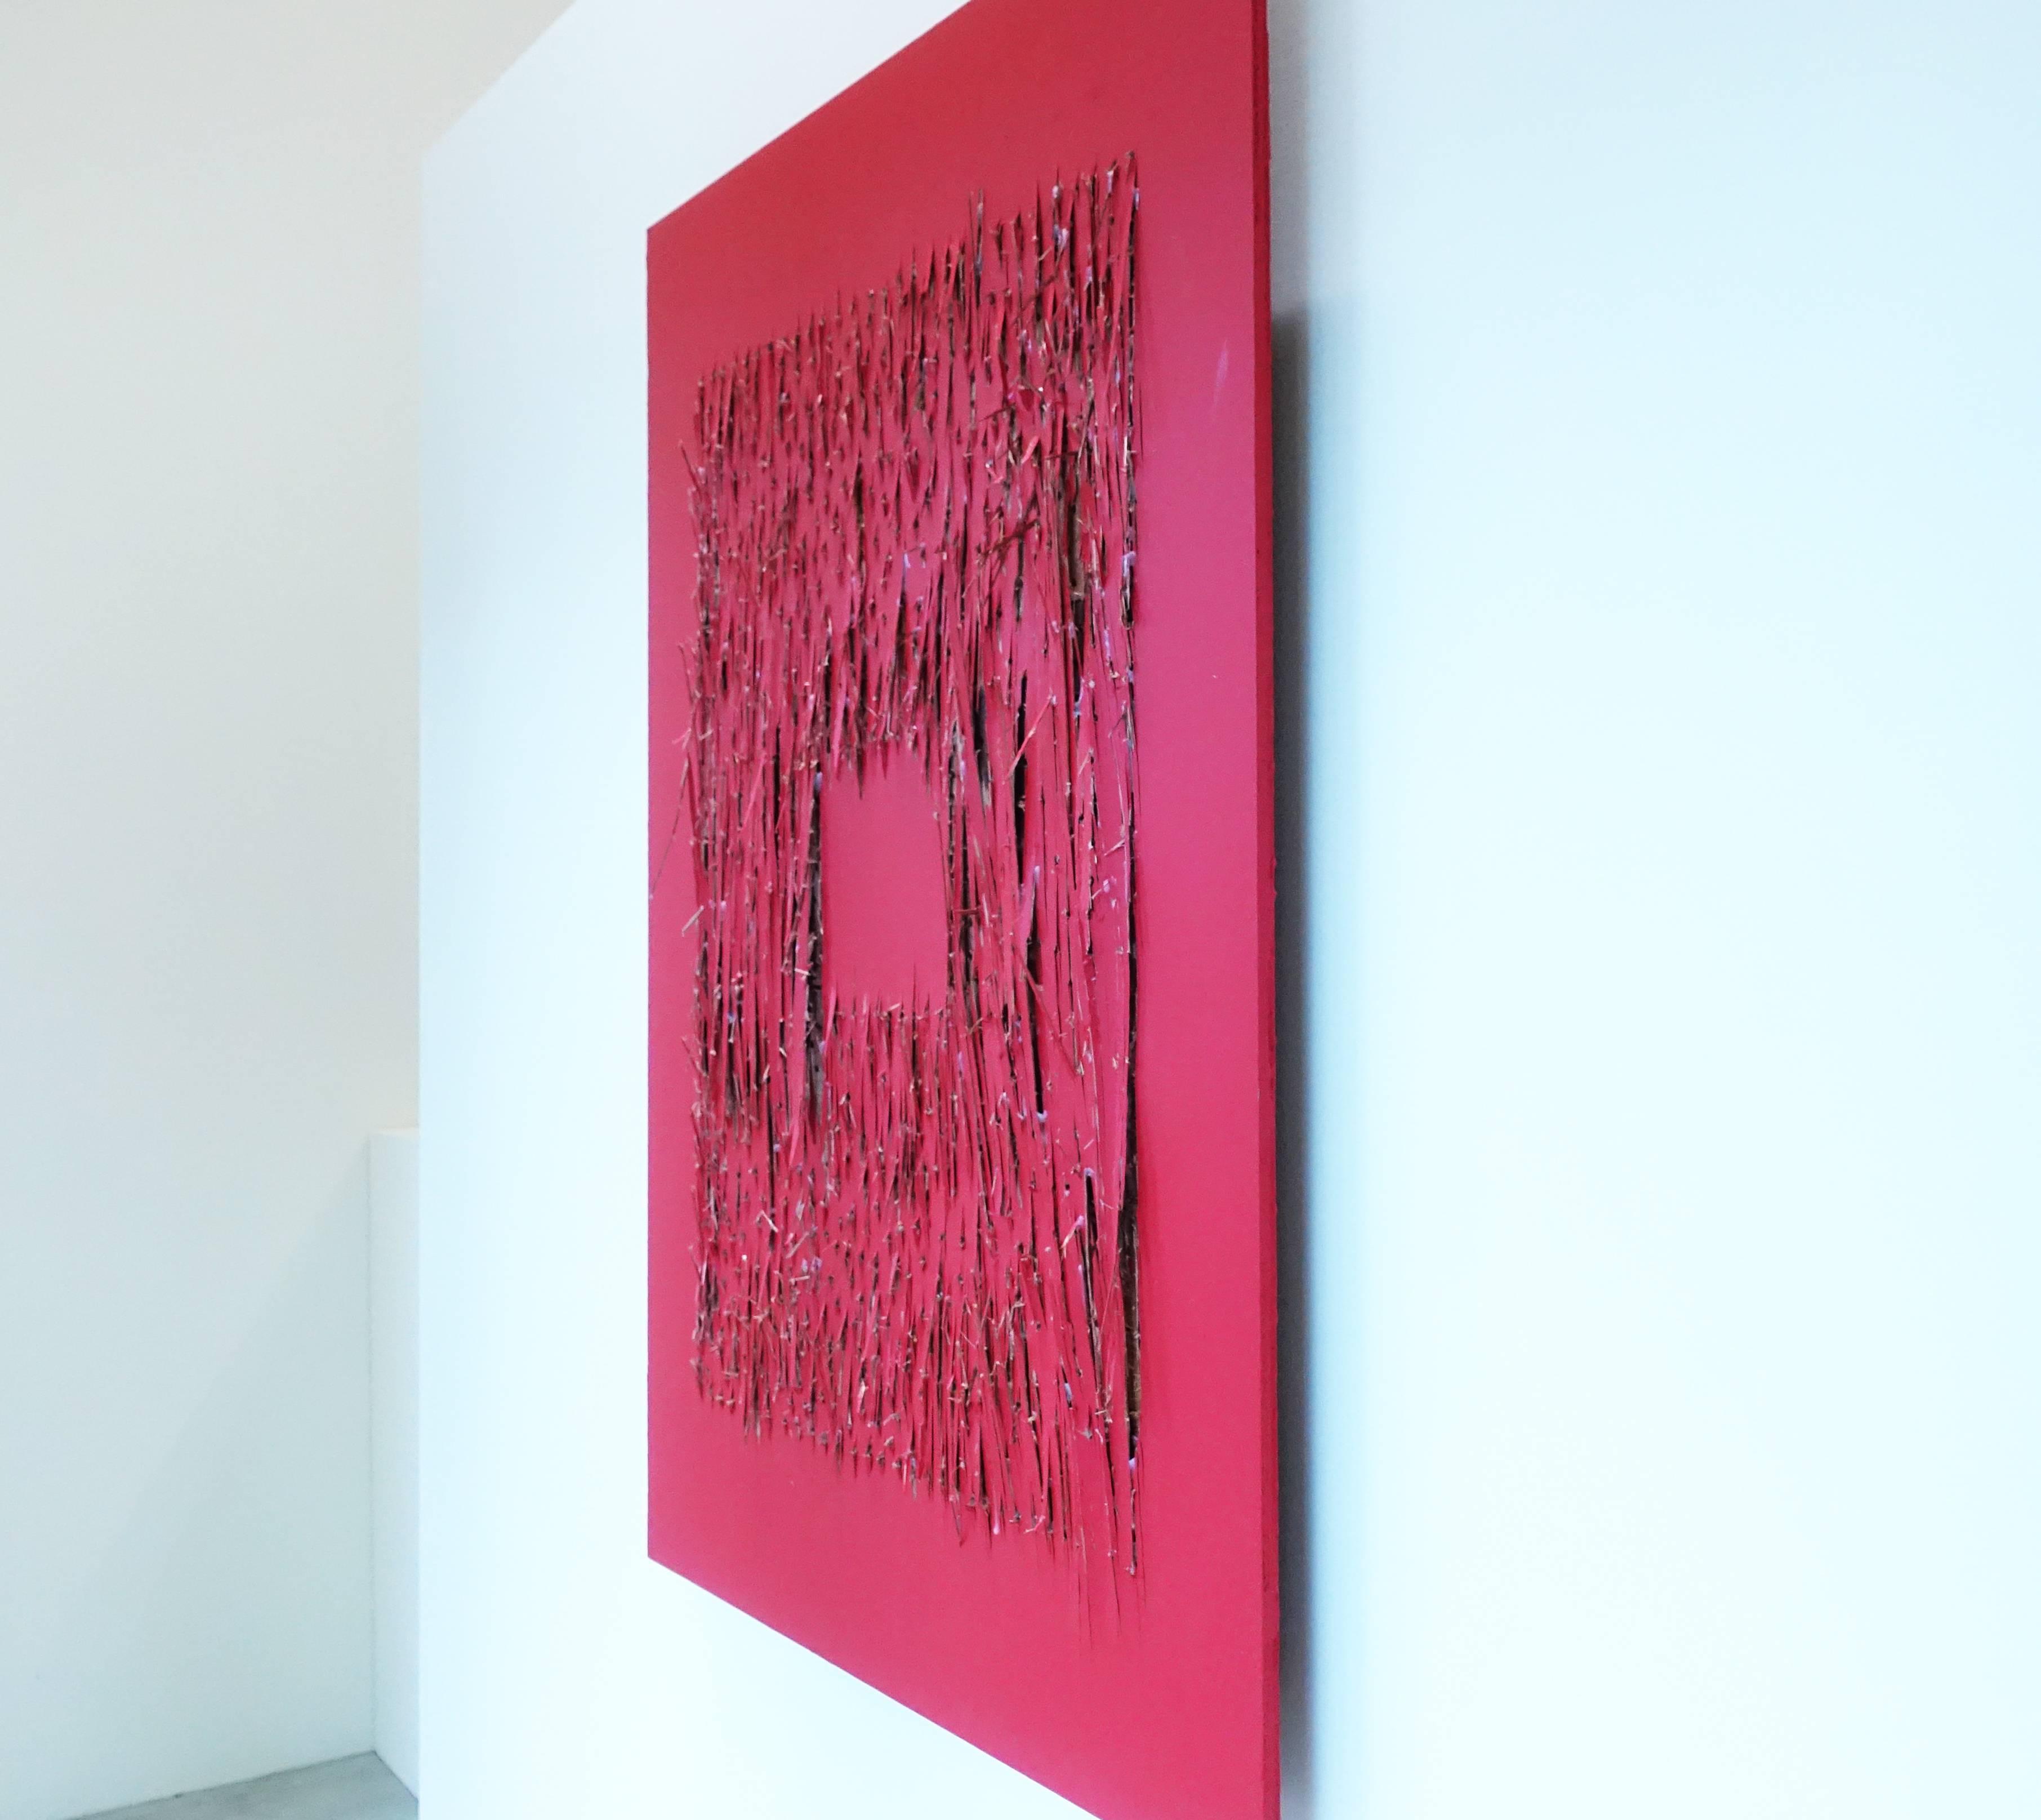 菅木志雄,《物態化(6)Emerging process》,120 x 90 x 7.5 cm,Wood acrylic,2011。